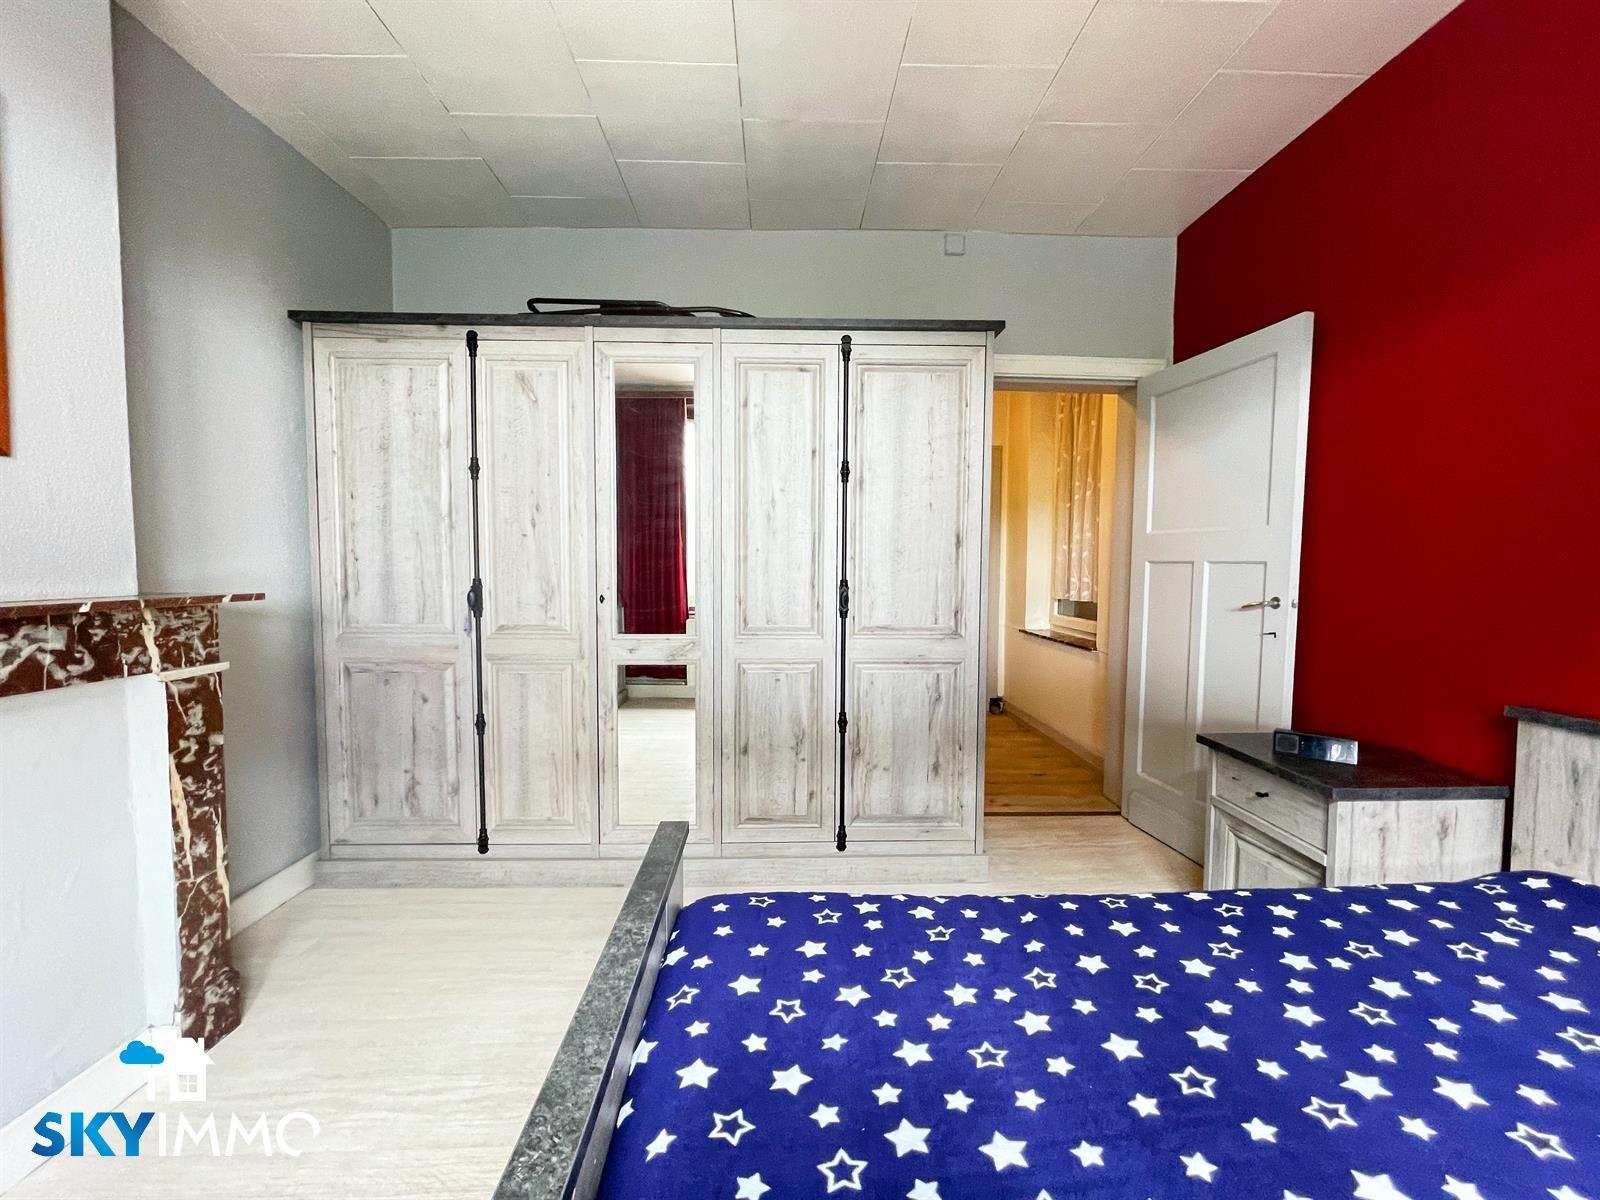 Maison - Seraing - #4437591-16